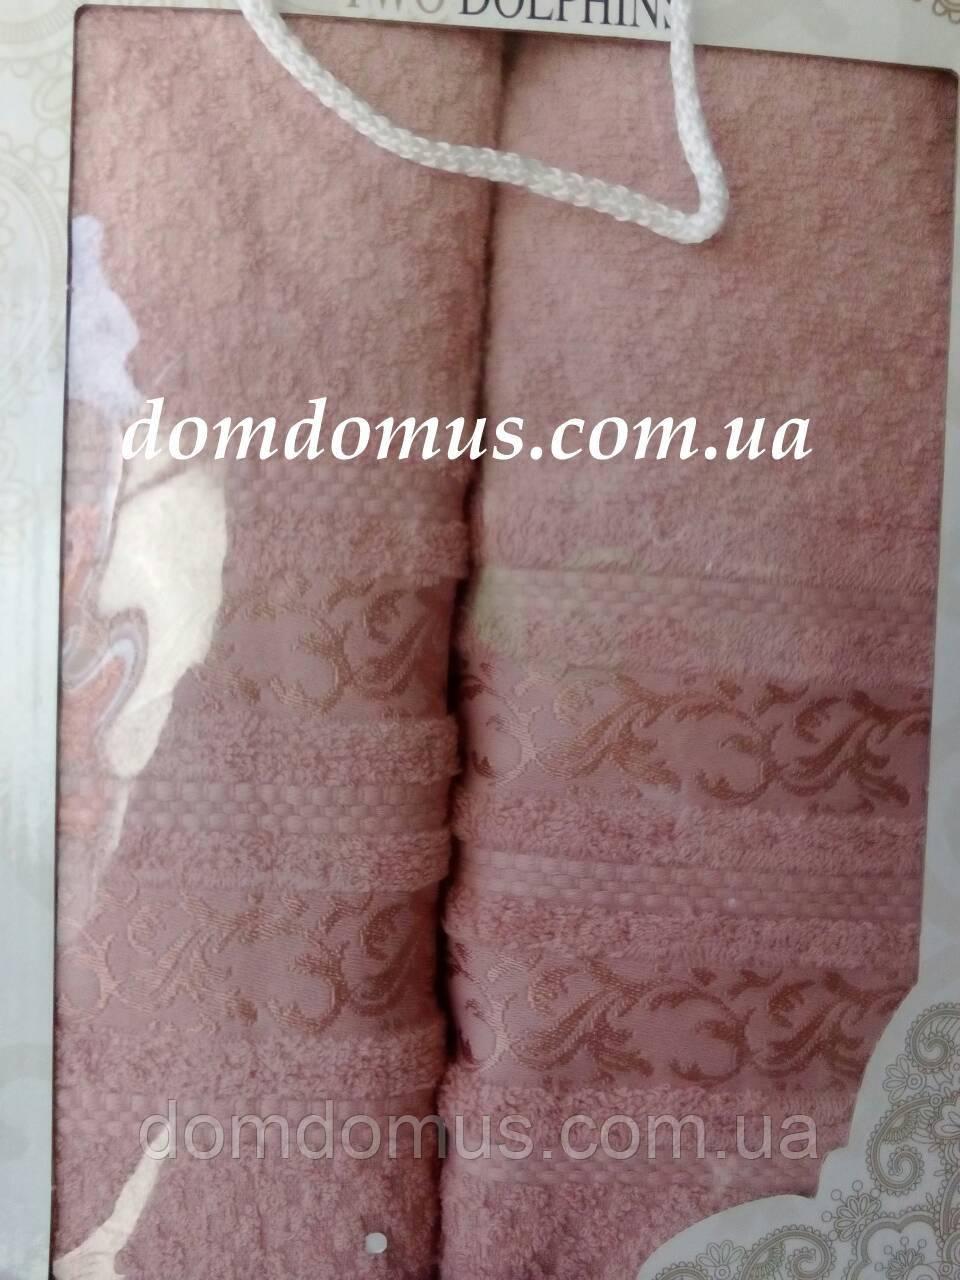 Подарунковий набір рушників (банне+лицьове) TWO DOLPHINS 0613